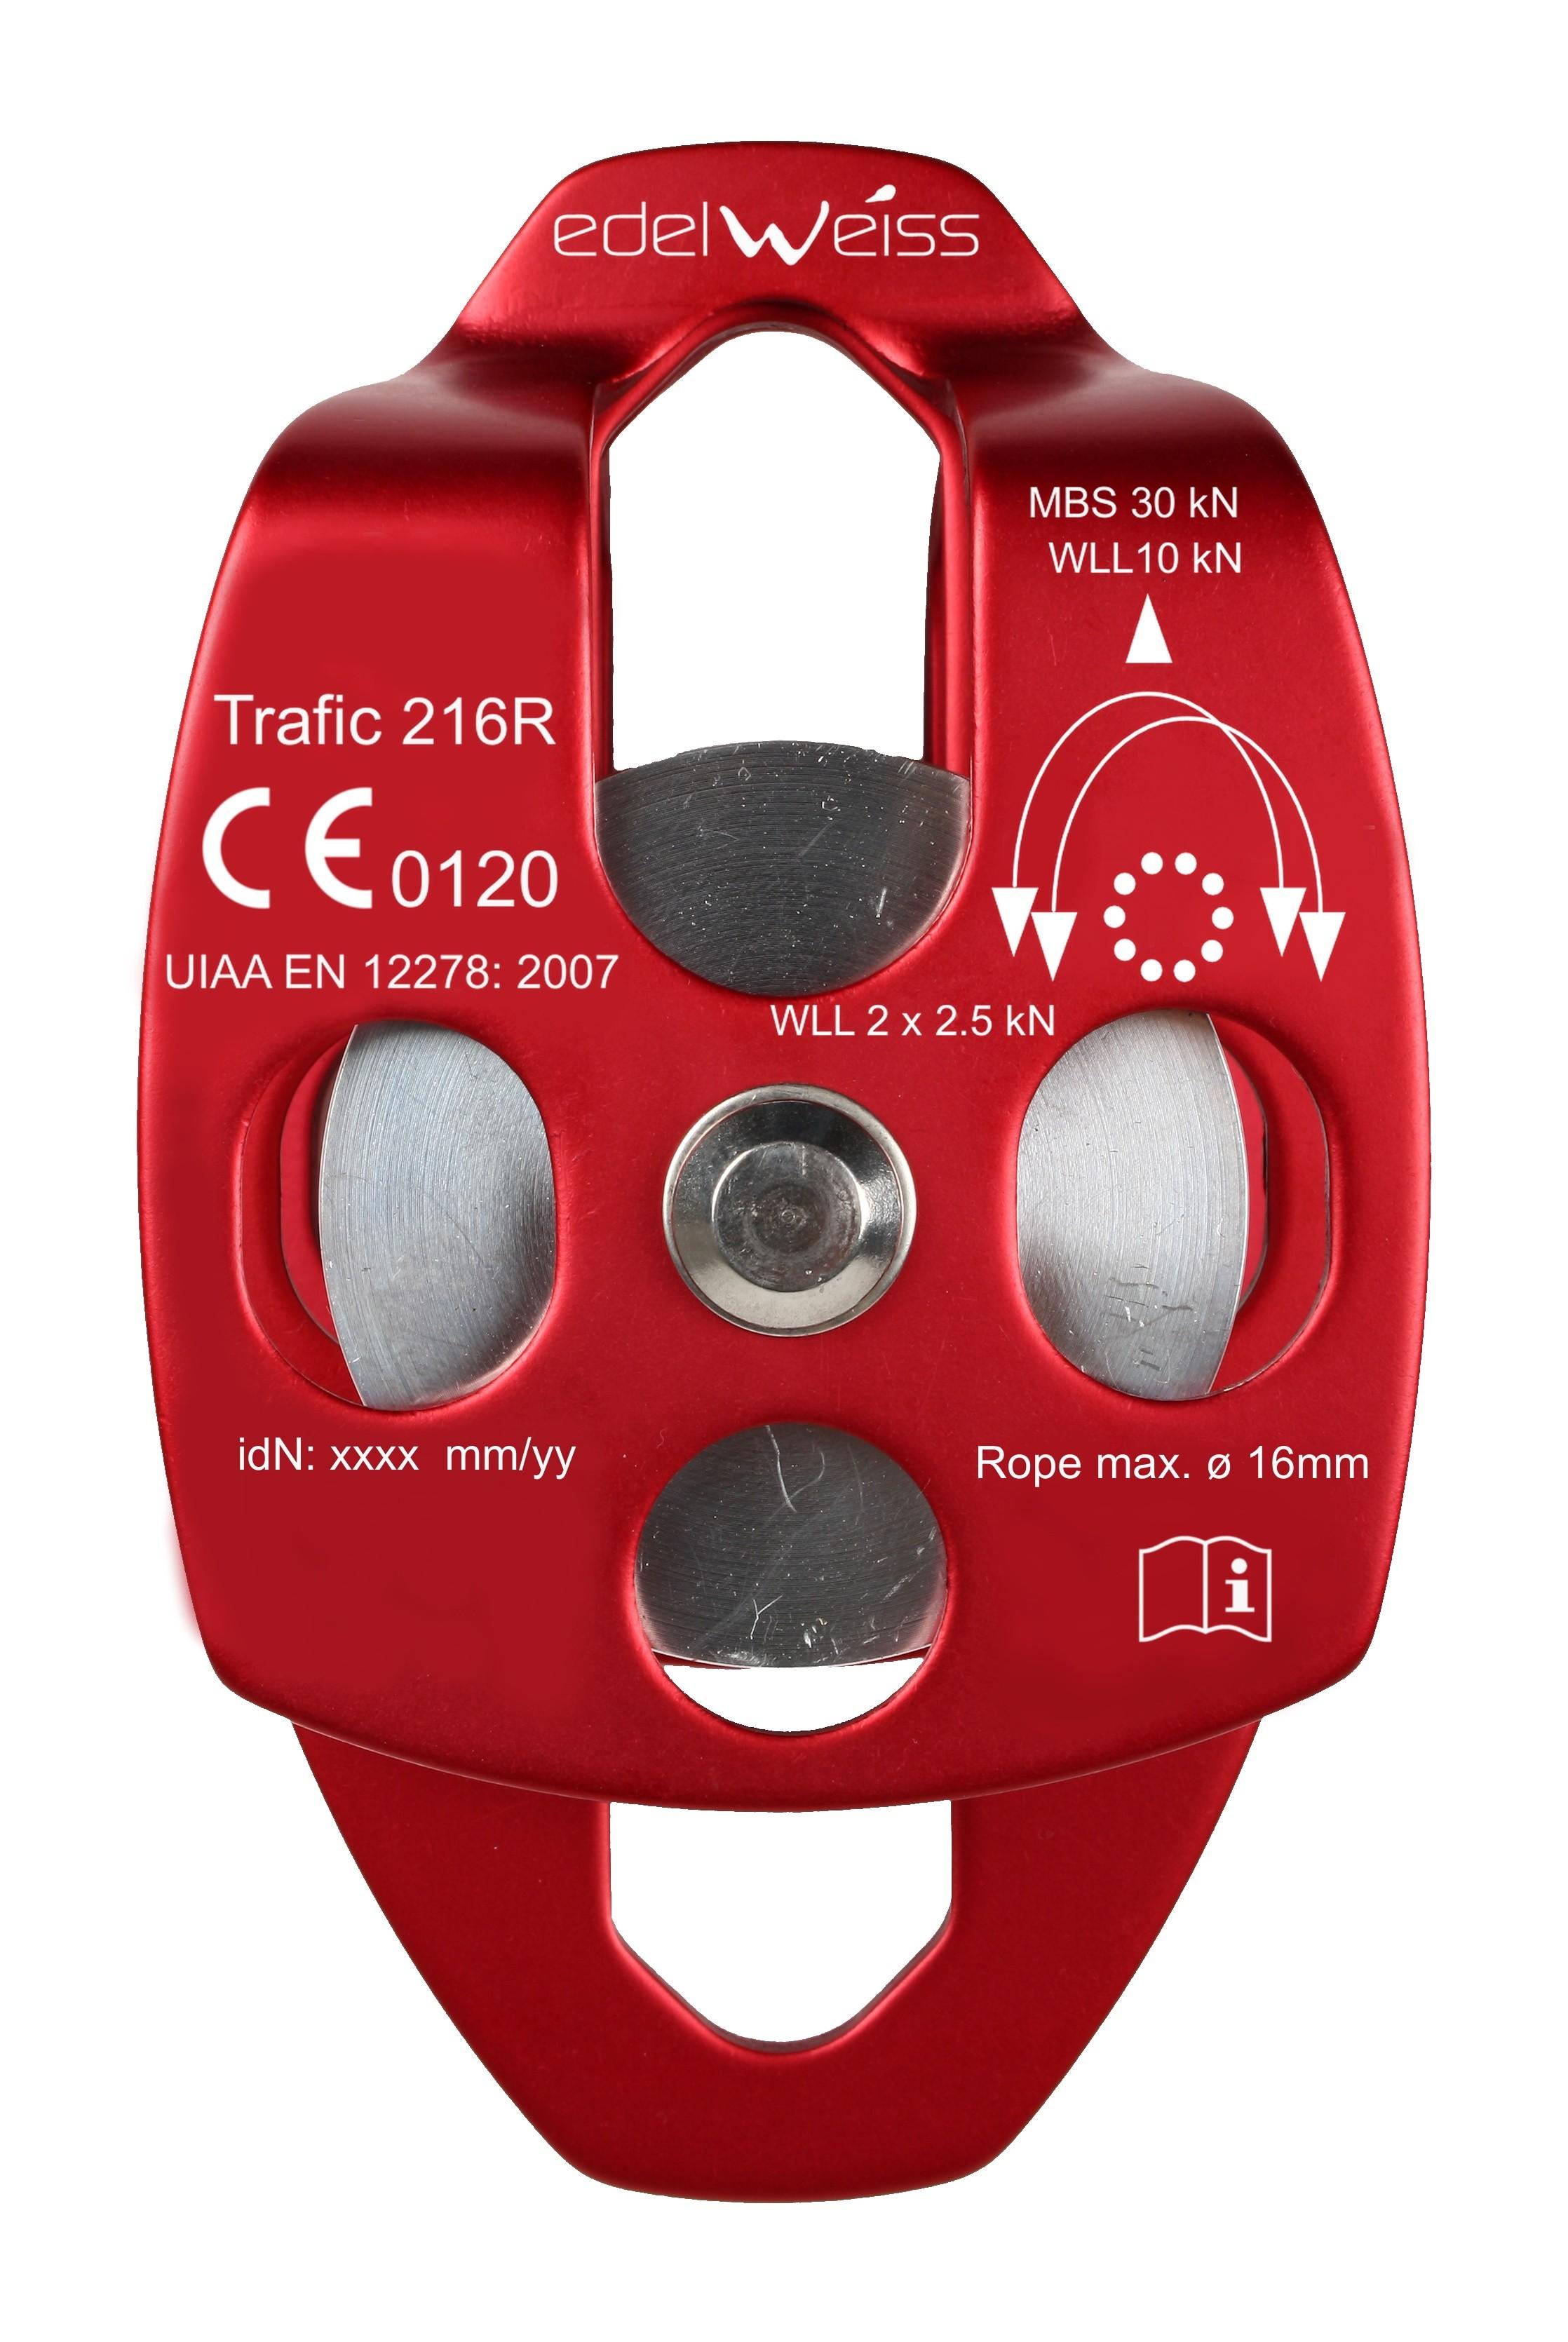 TRAFIC 216R